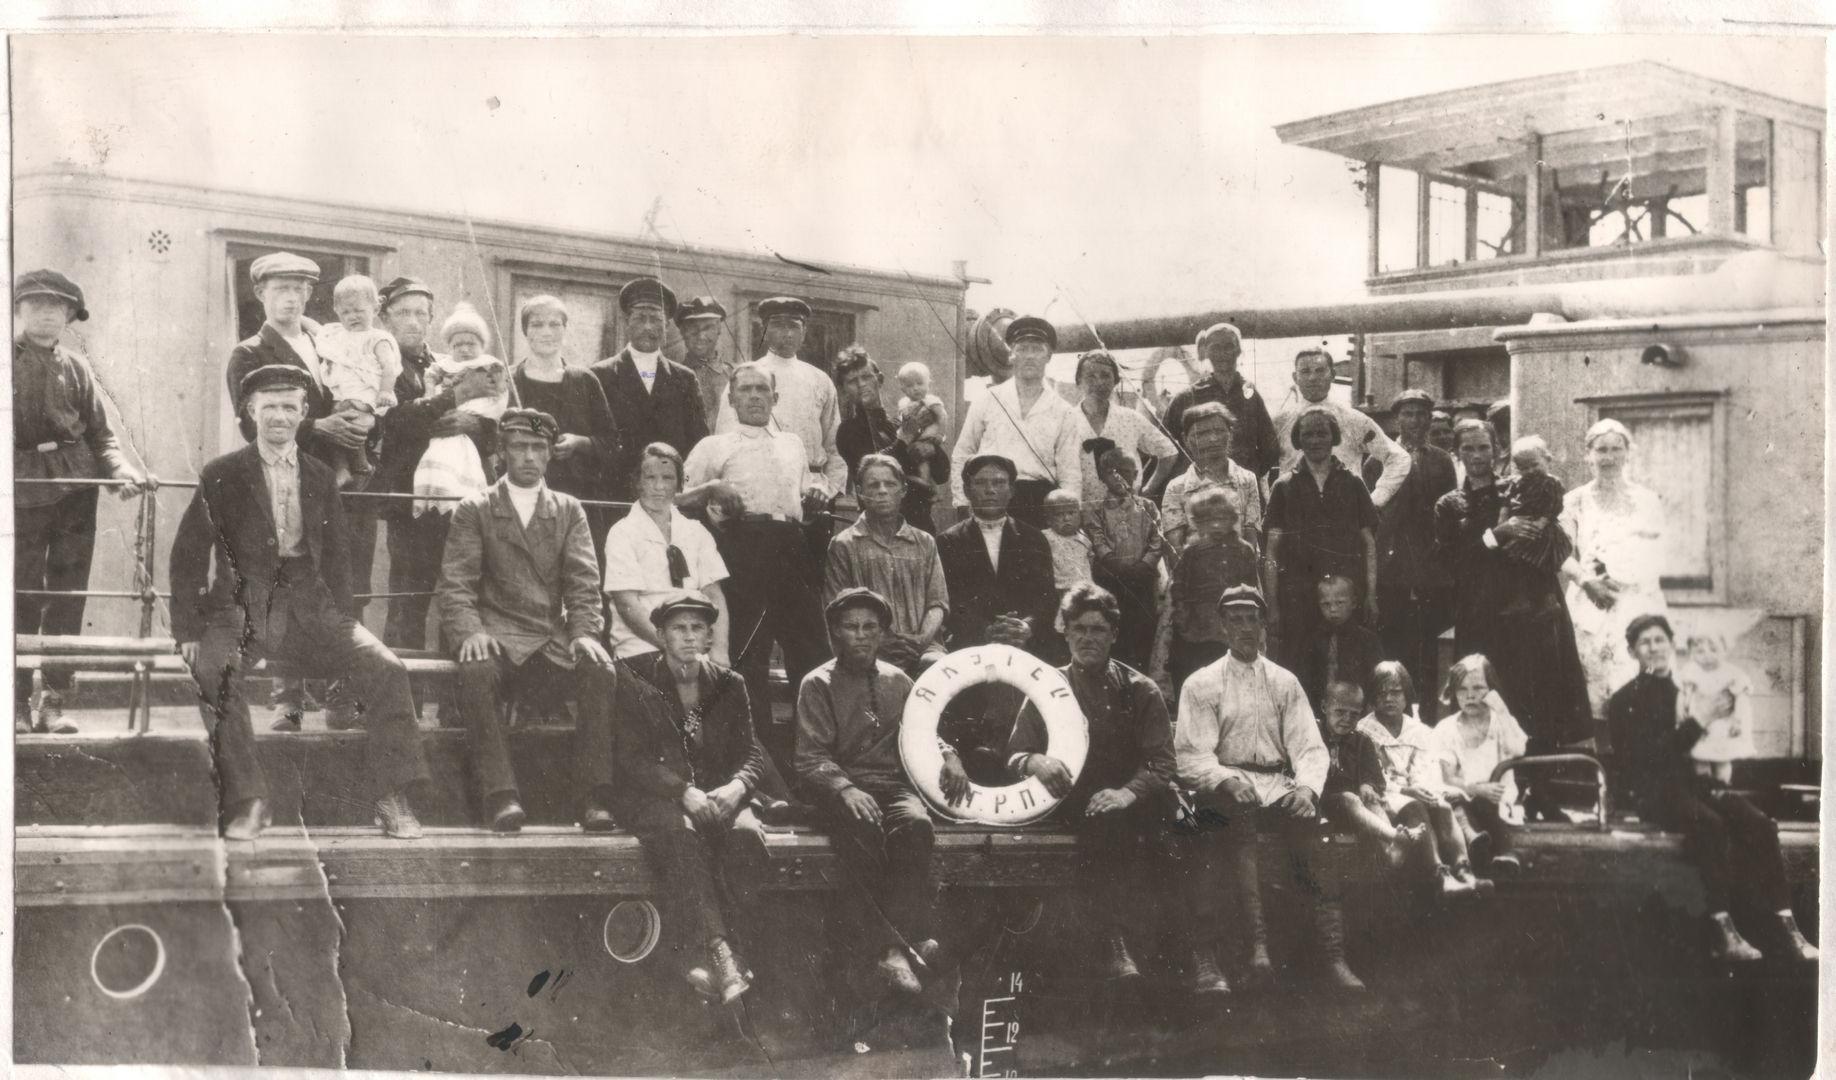 якутец, пароход, 1930